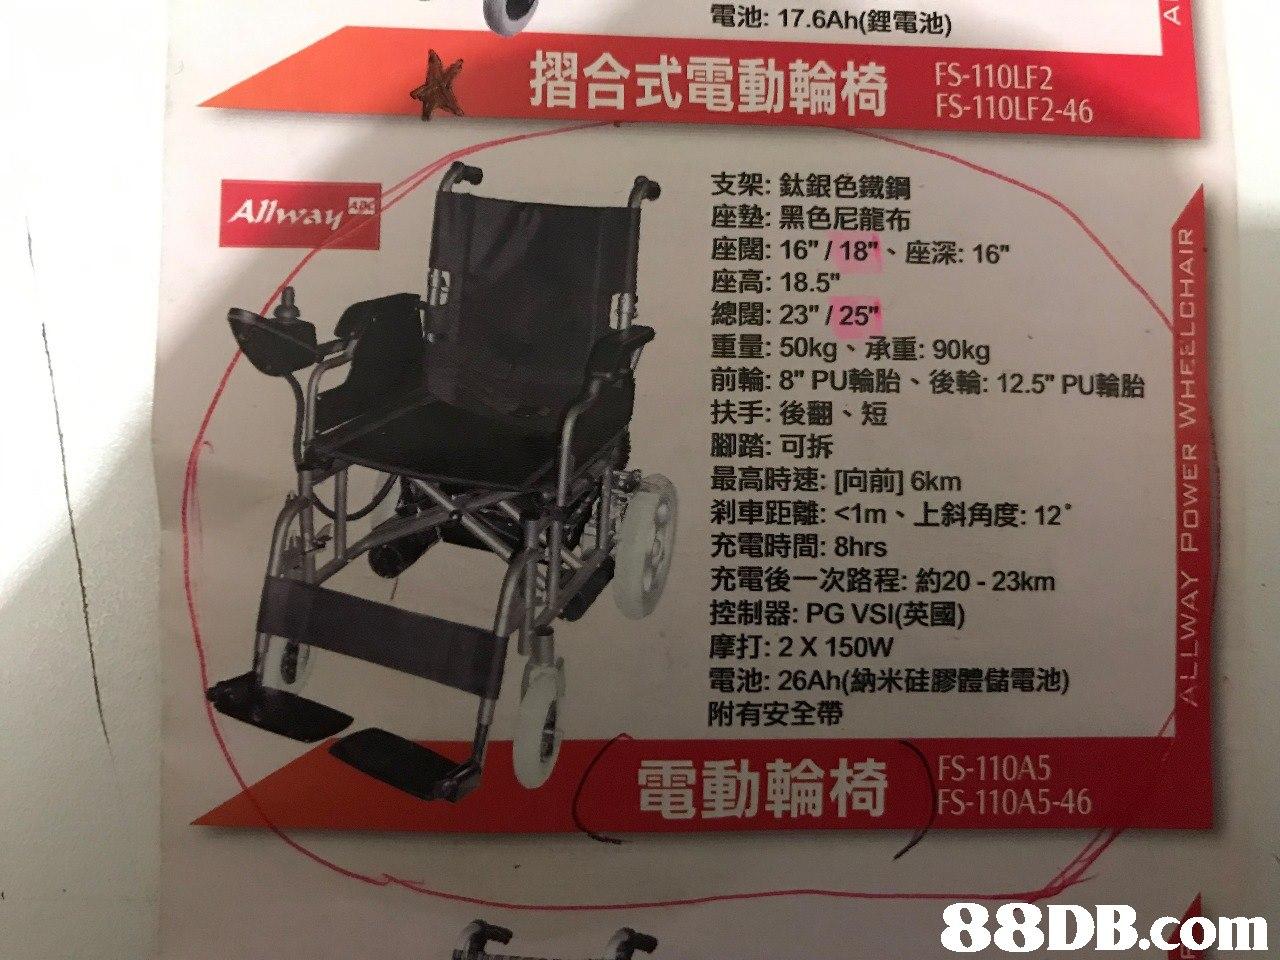 """電池: 17.6Ah(鋰電 摺合式電動輪椅 ! FS-110LF2 FS-110LF2-46 支架:鈦銀色鐵鋼 座墊:黑色尼龍布 座闊: 16"""" / 18""""、座深: 16"""" 座高: 18.5"""" 總闊: 23"""" / 25"""" 重量: 50kg、承重90kg 前輪: 8"""" PU輪胎、後輪: 12.5"""" PU輪胎 扶手:後翻、短 腳踏:可拆 最高時速响前16km 剎車距離: <1m、上斜角度: 12. 充電時間: 8hrs 充電後一次路程:約20-23km 控制器: PG VSI(英國) 摩打: 2 X 150W 電池: 26Ah(納米硅膠體儲電池) 附有安全帶 Allway 電動輪椅 FS-110A5 FS-110A5-46   product,product,technology,advertising,"""